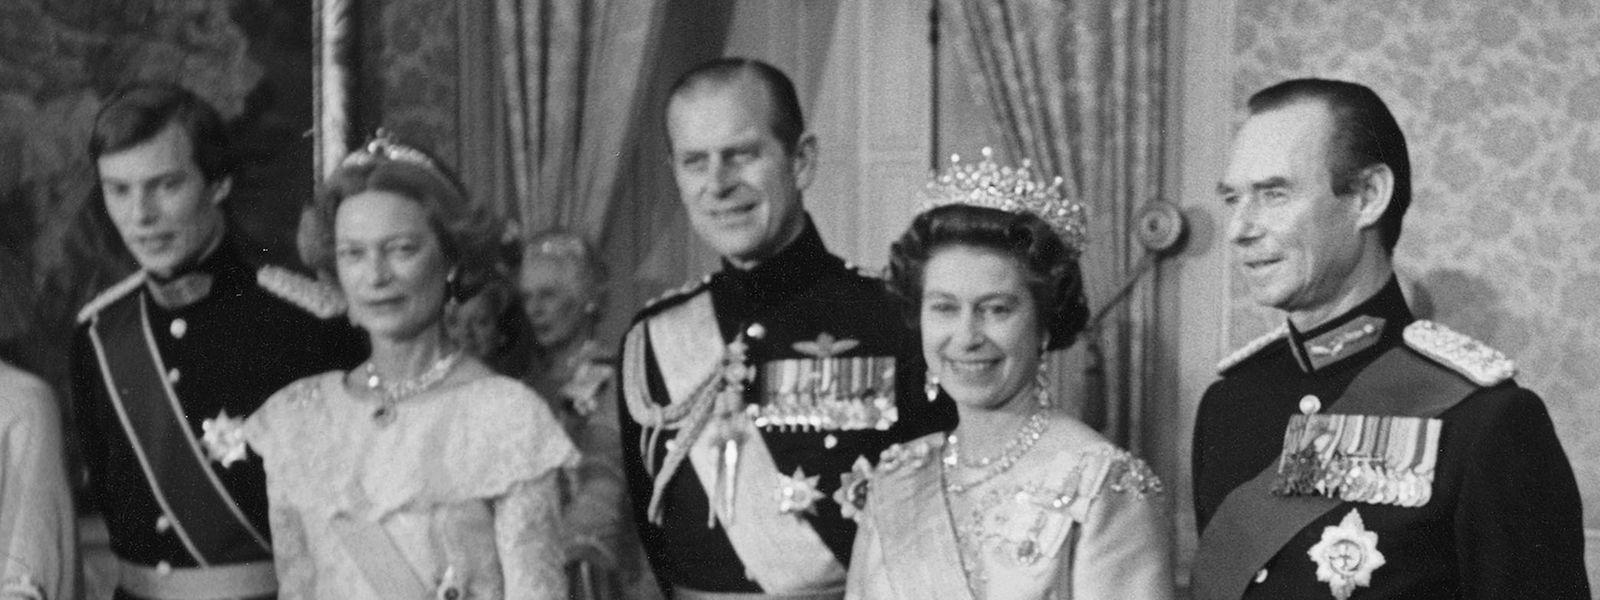 Staatsbesuch in Luxemburg im November 1976 (v.l.n.r.): Prinz Henri, Großherzogin Josephine-Charlotte, Prinz-Regent Philip, Königin Elizabeth II. und Großherzog Jean